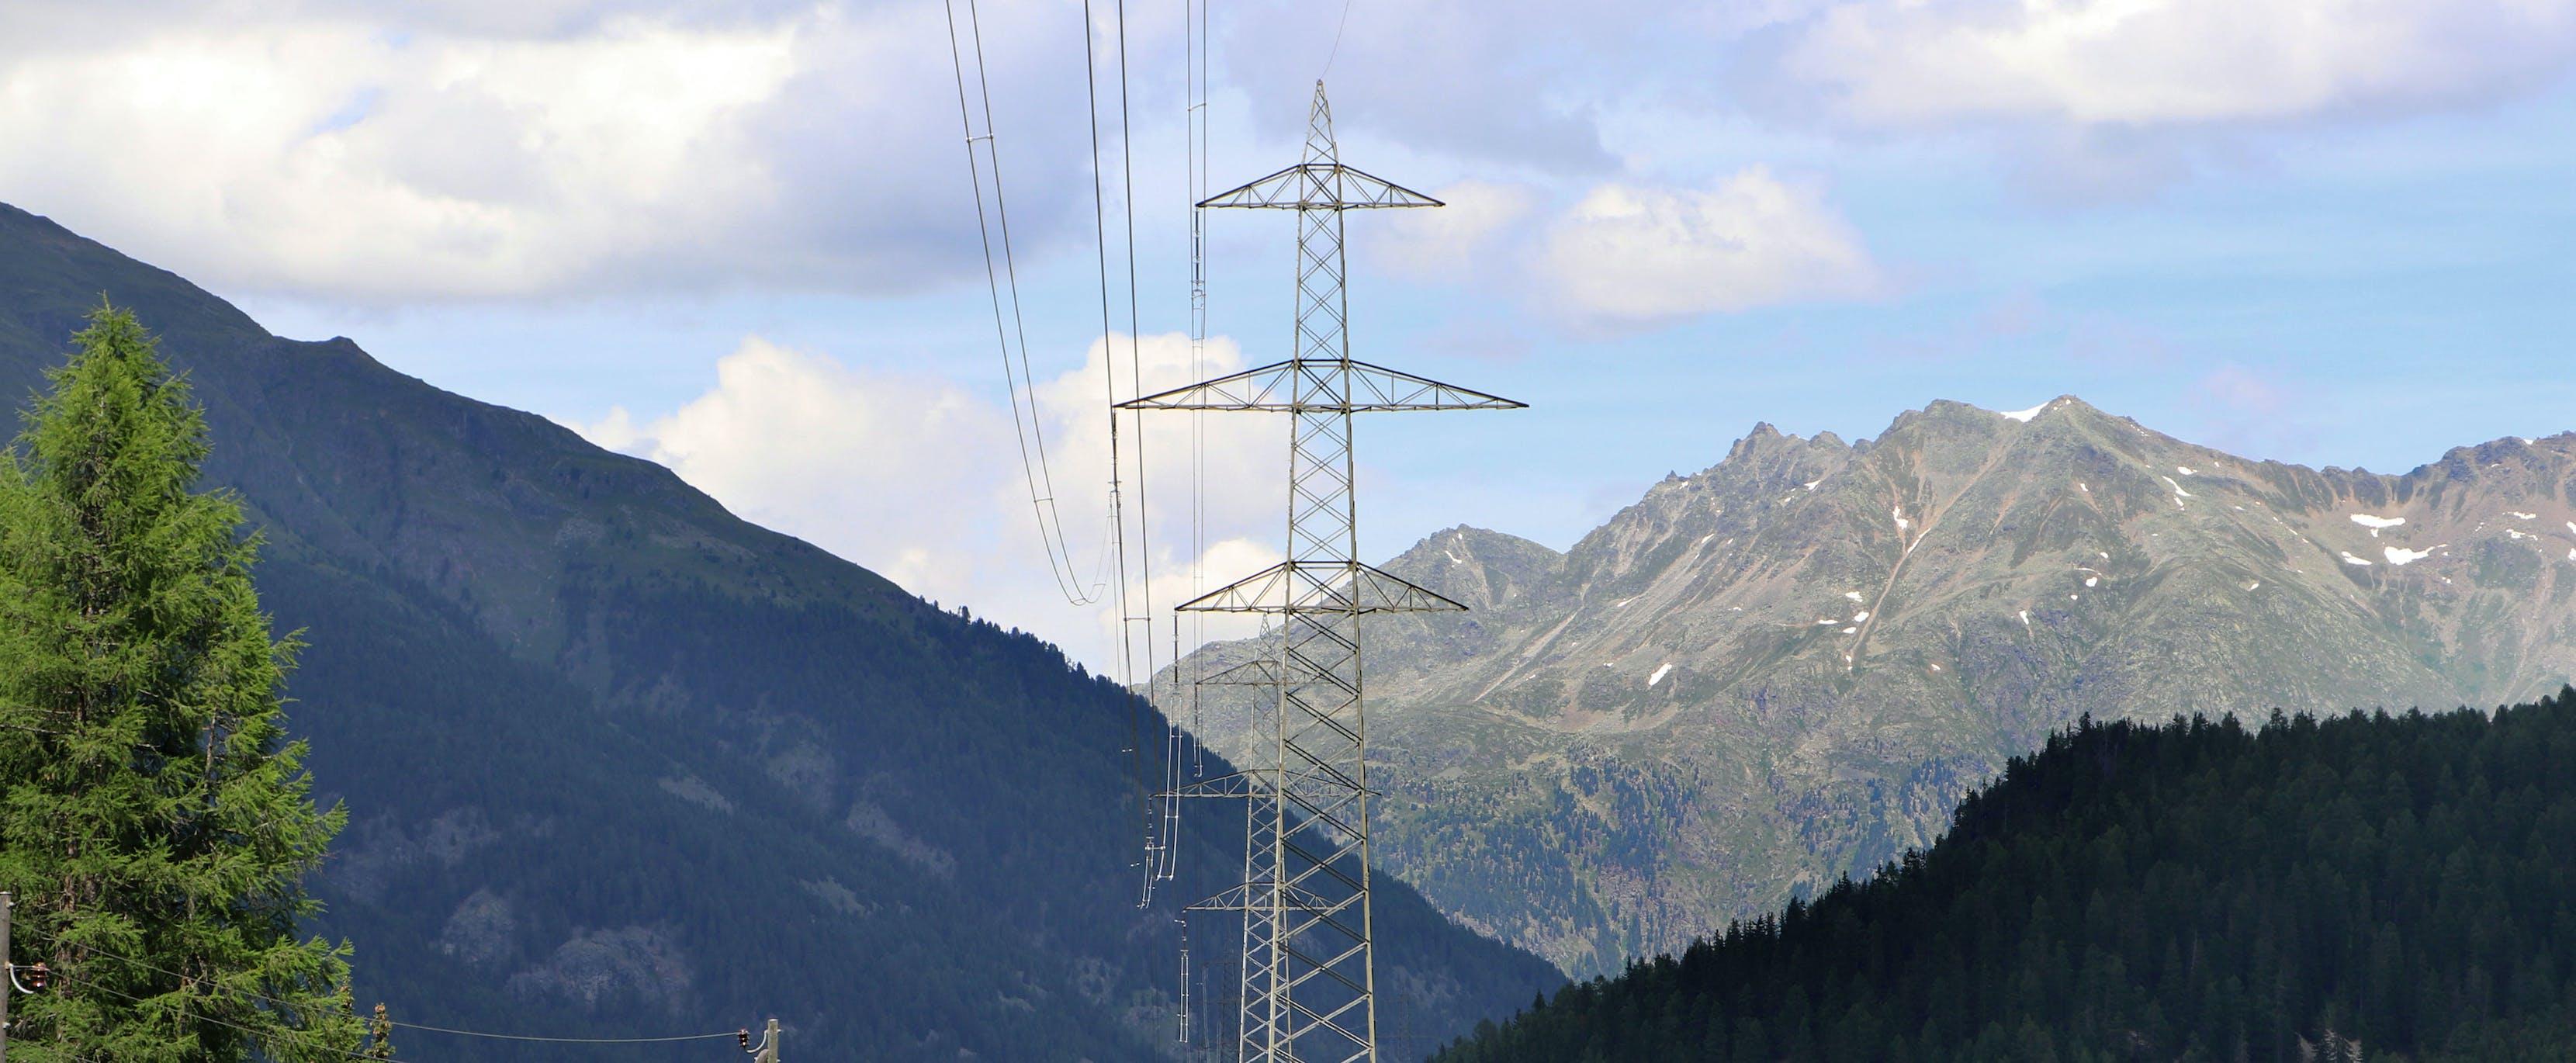 Zwischen La Punt und Zernez tragen die Masten heute nur auf einer Seite eine Leitung.